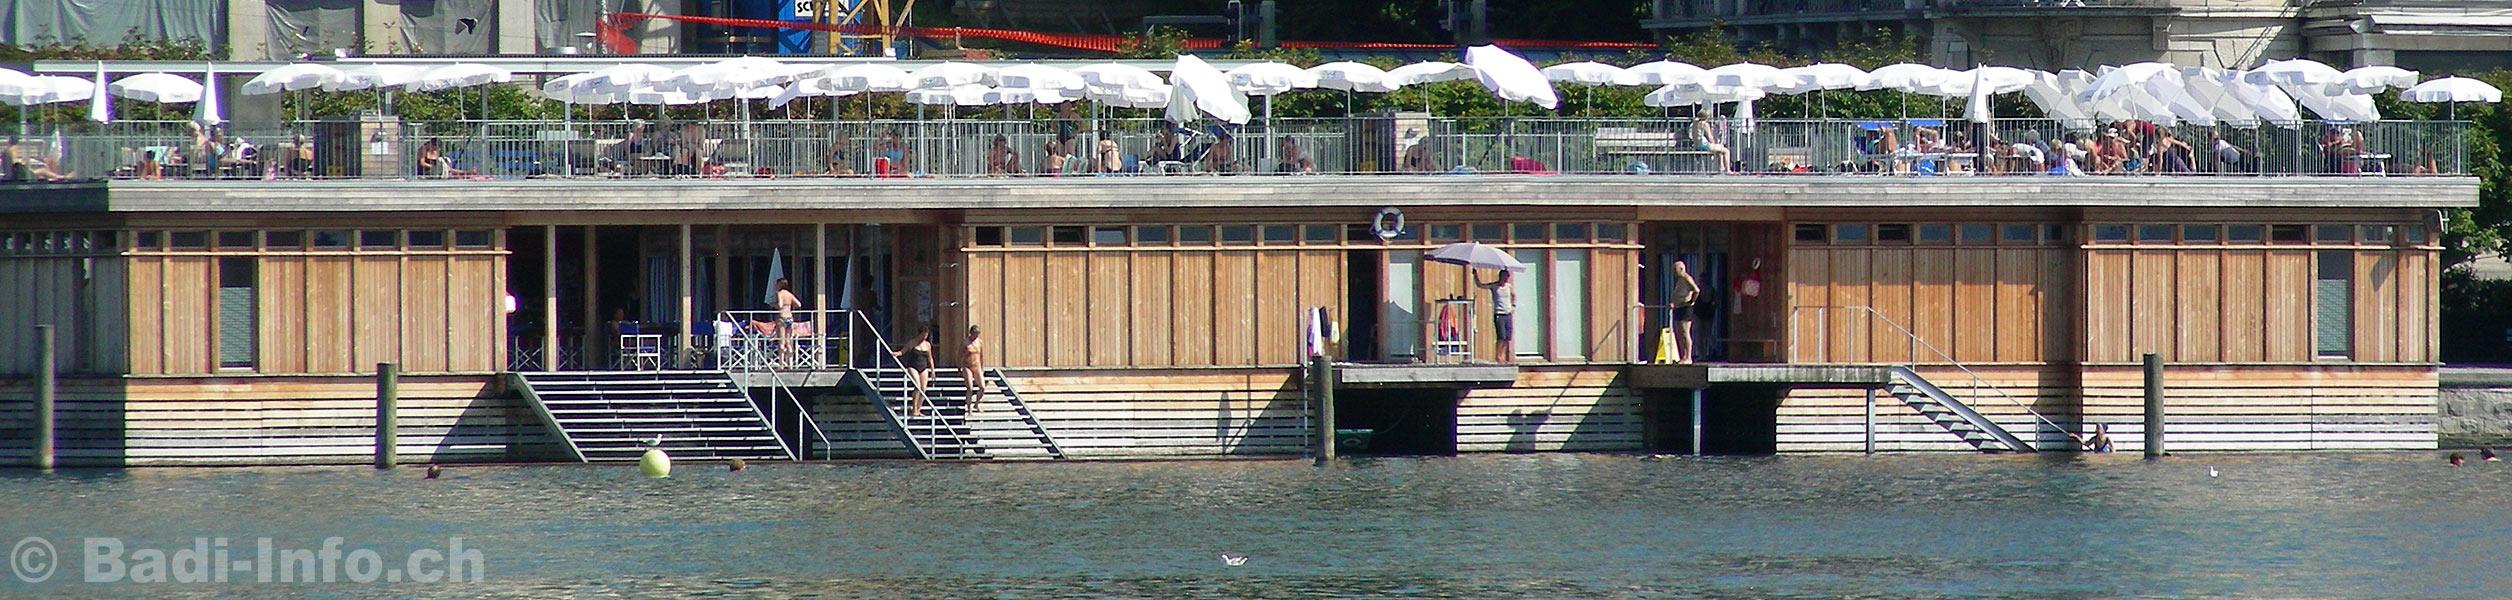 Luzerner Seebad